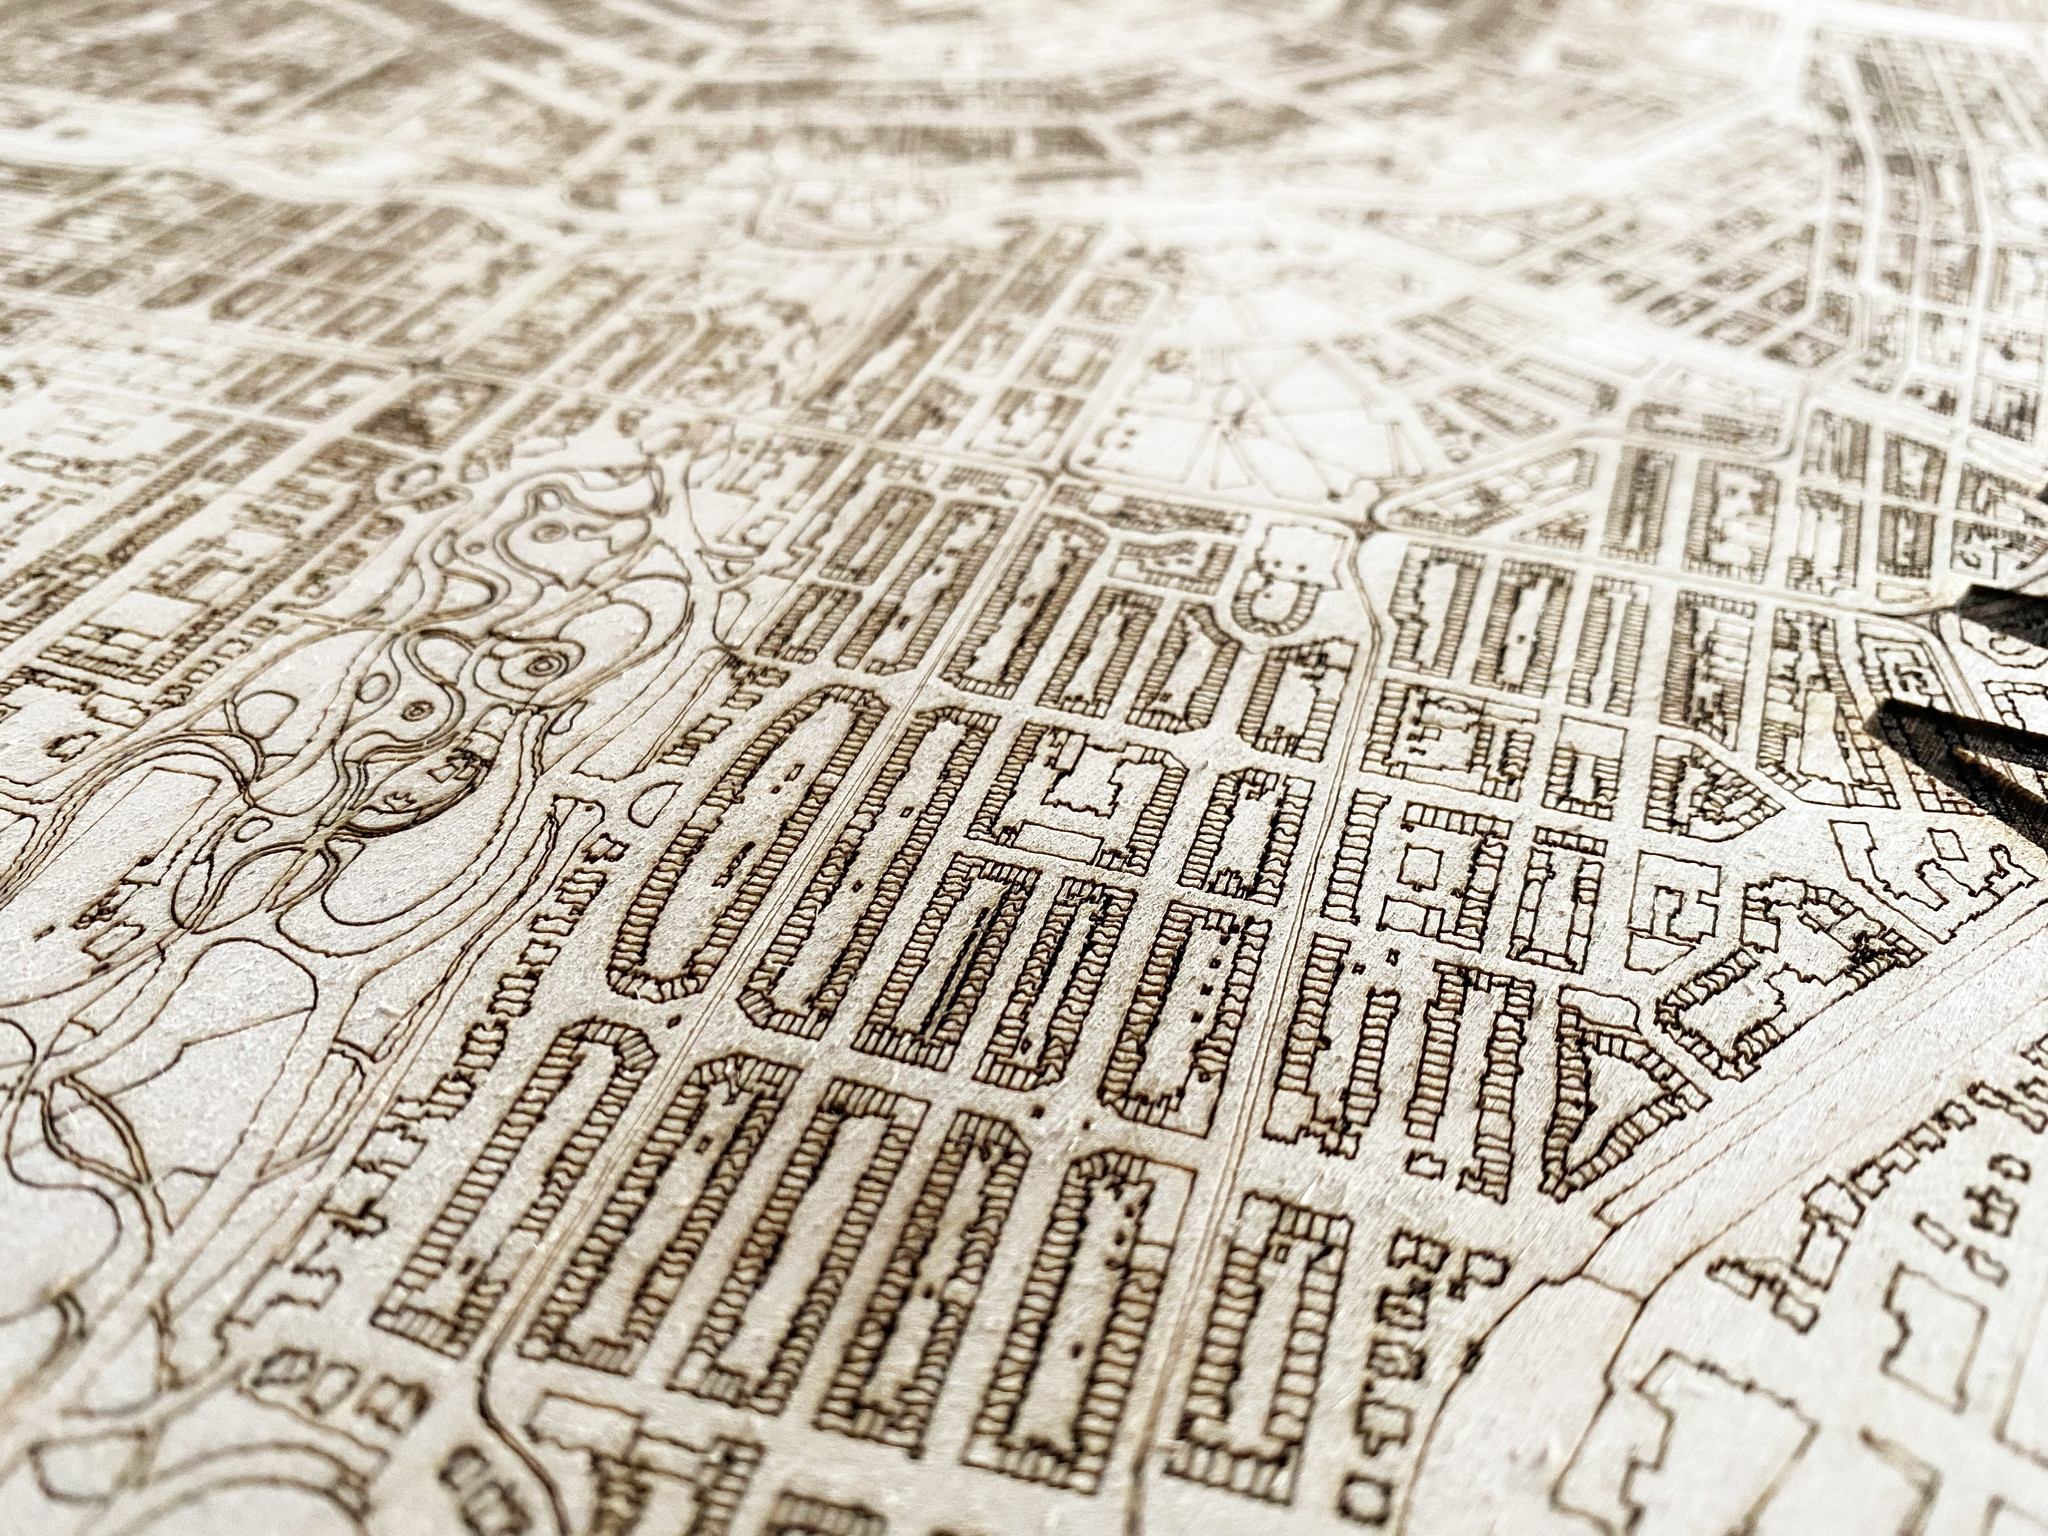 Houten stadsplattegrond Alkmaar-3